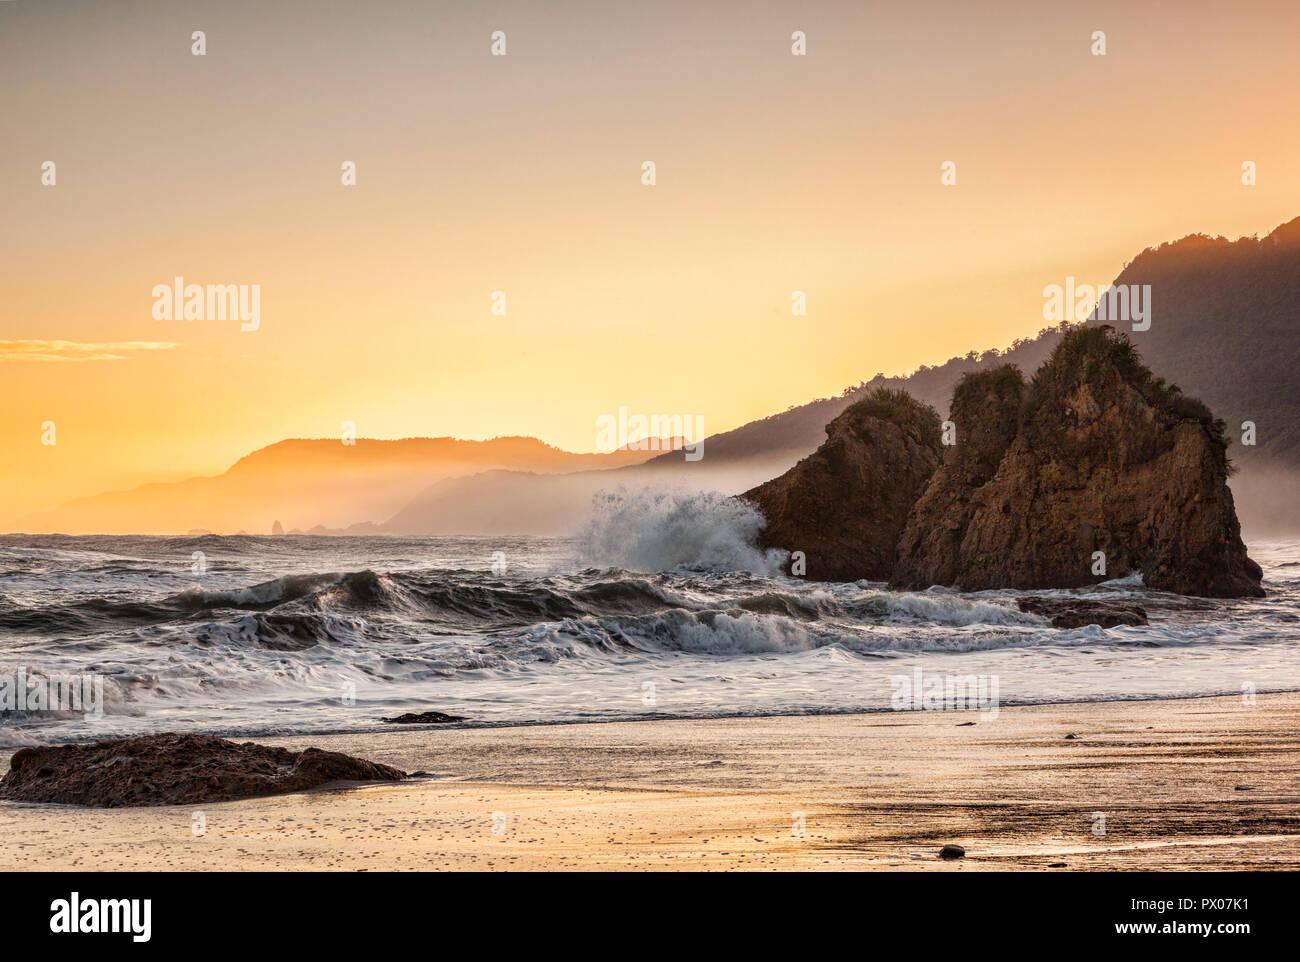 Un matin à la baie sauvage Pic, Paparoa National Park, côte ouest, Nouvelle-Zélande Photo Stock